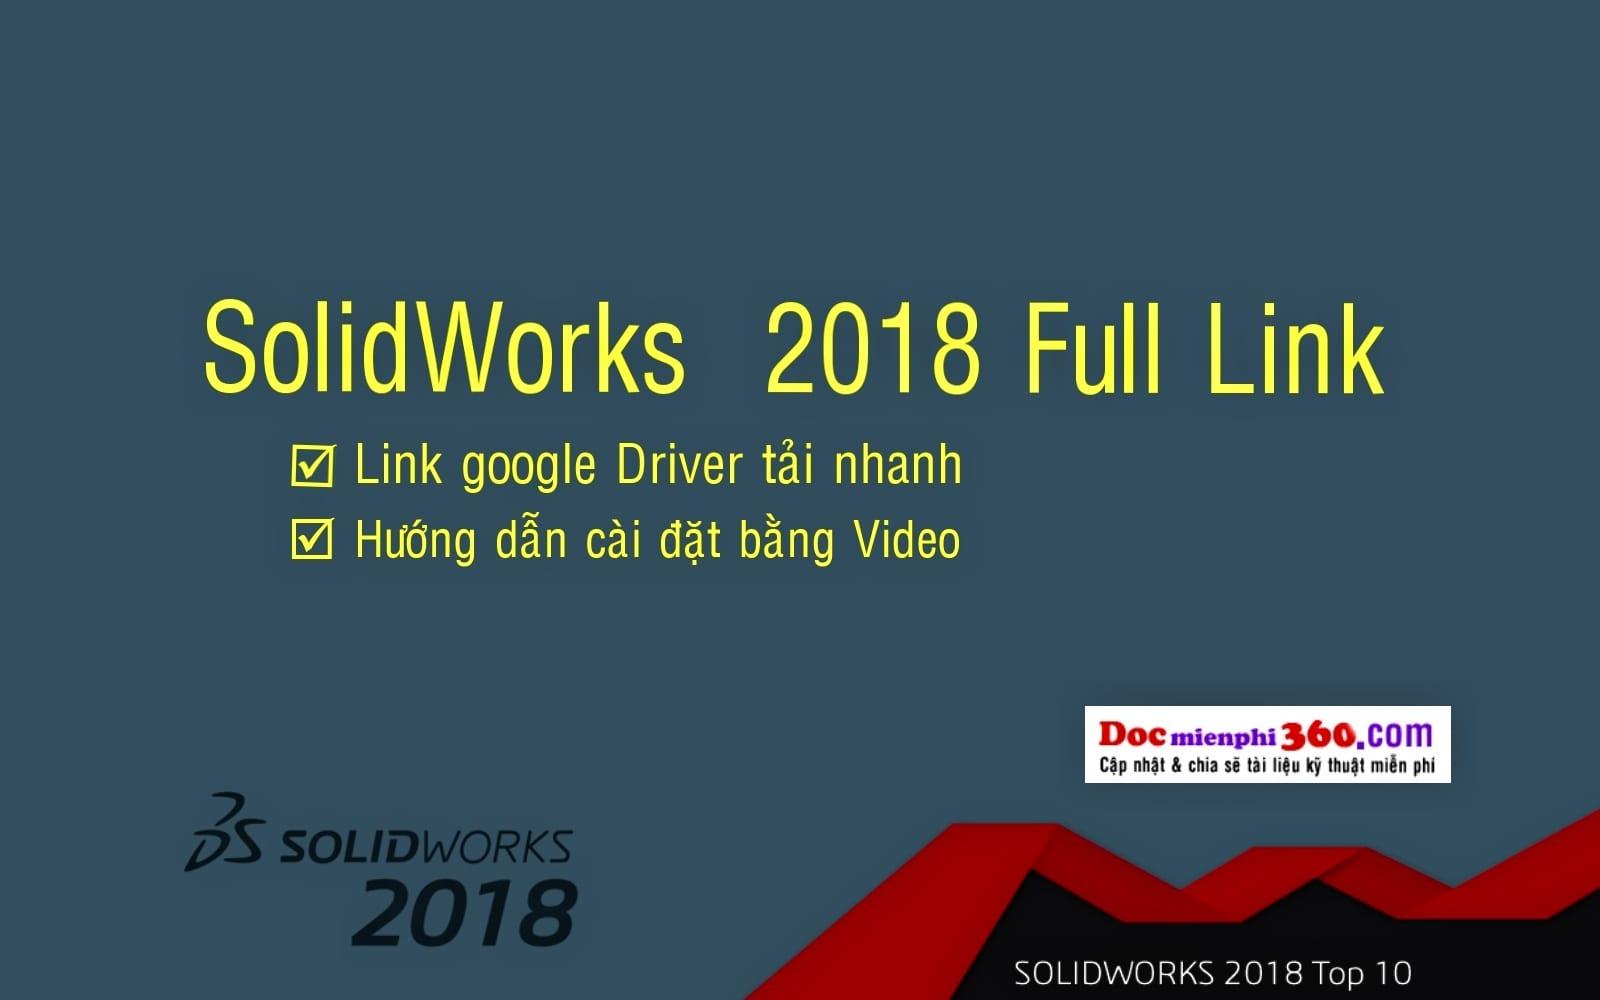 download solidworks 2018 full crack 64 bit free